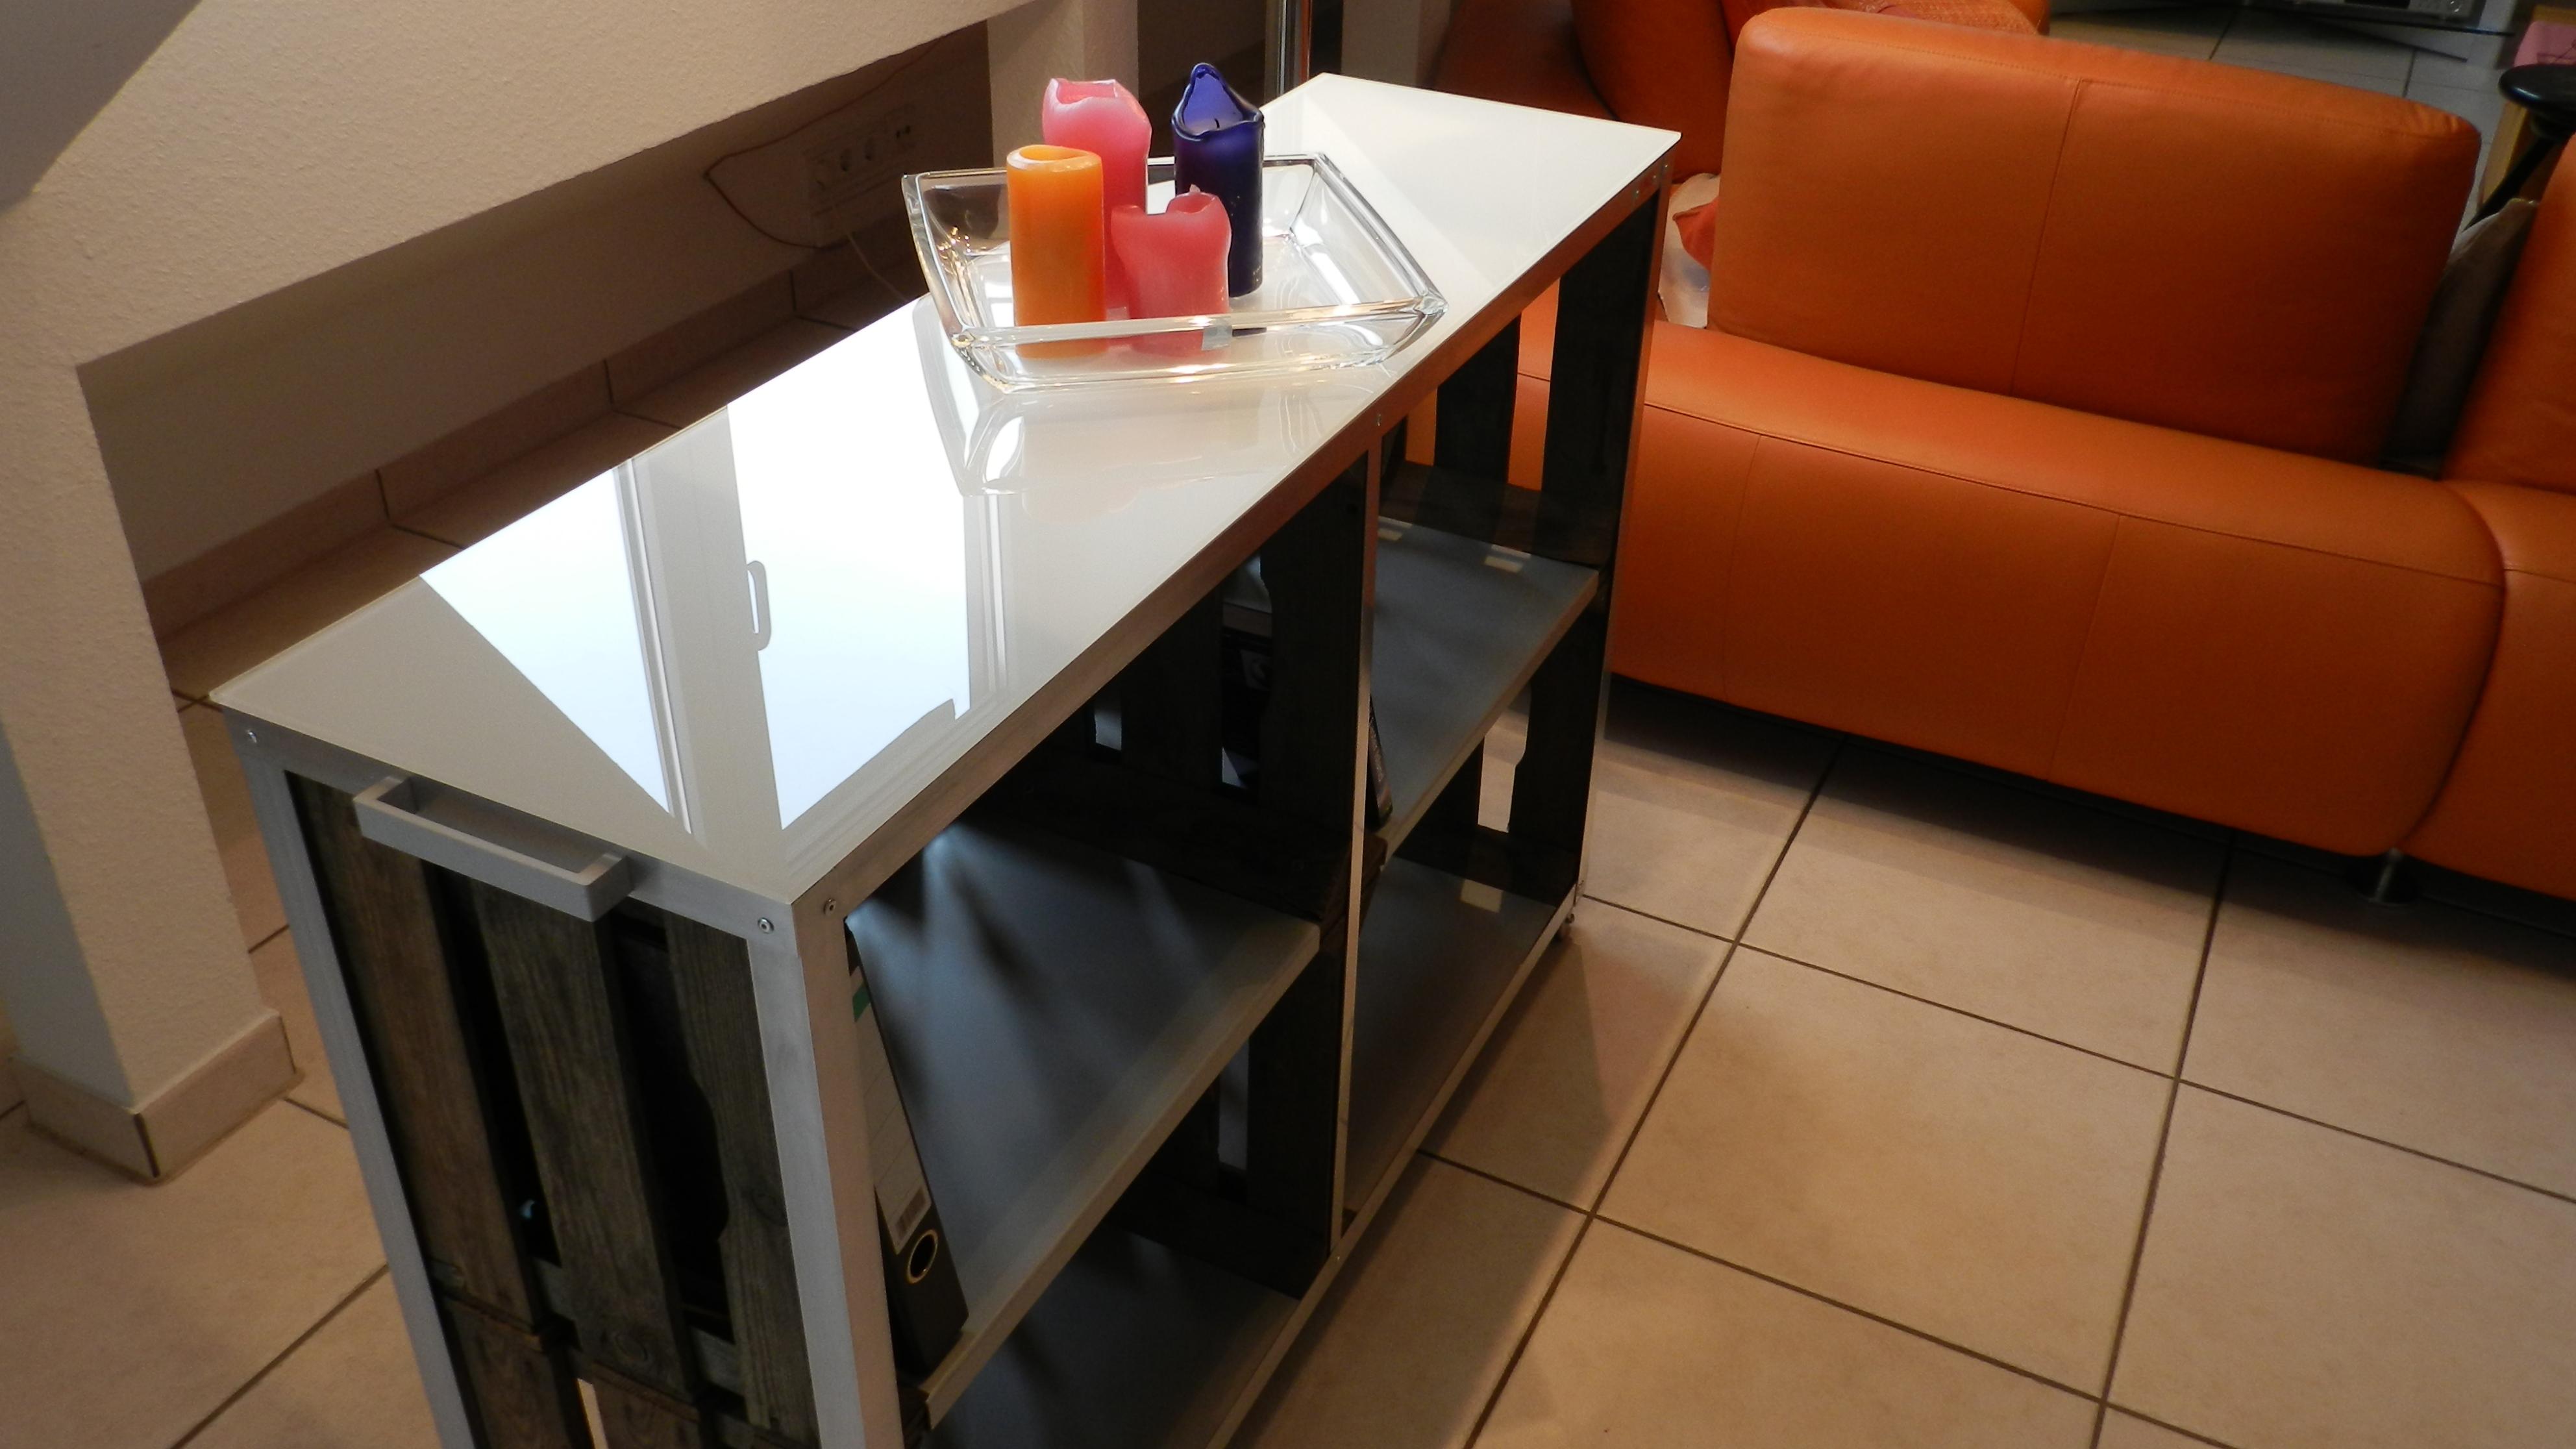 sideboard ren g ldner. Black Bedroom Furniture Sets. Home Design Ideas